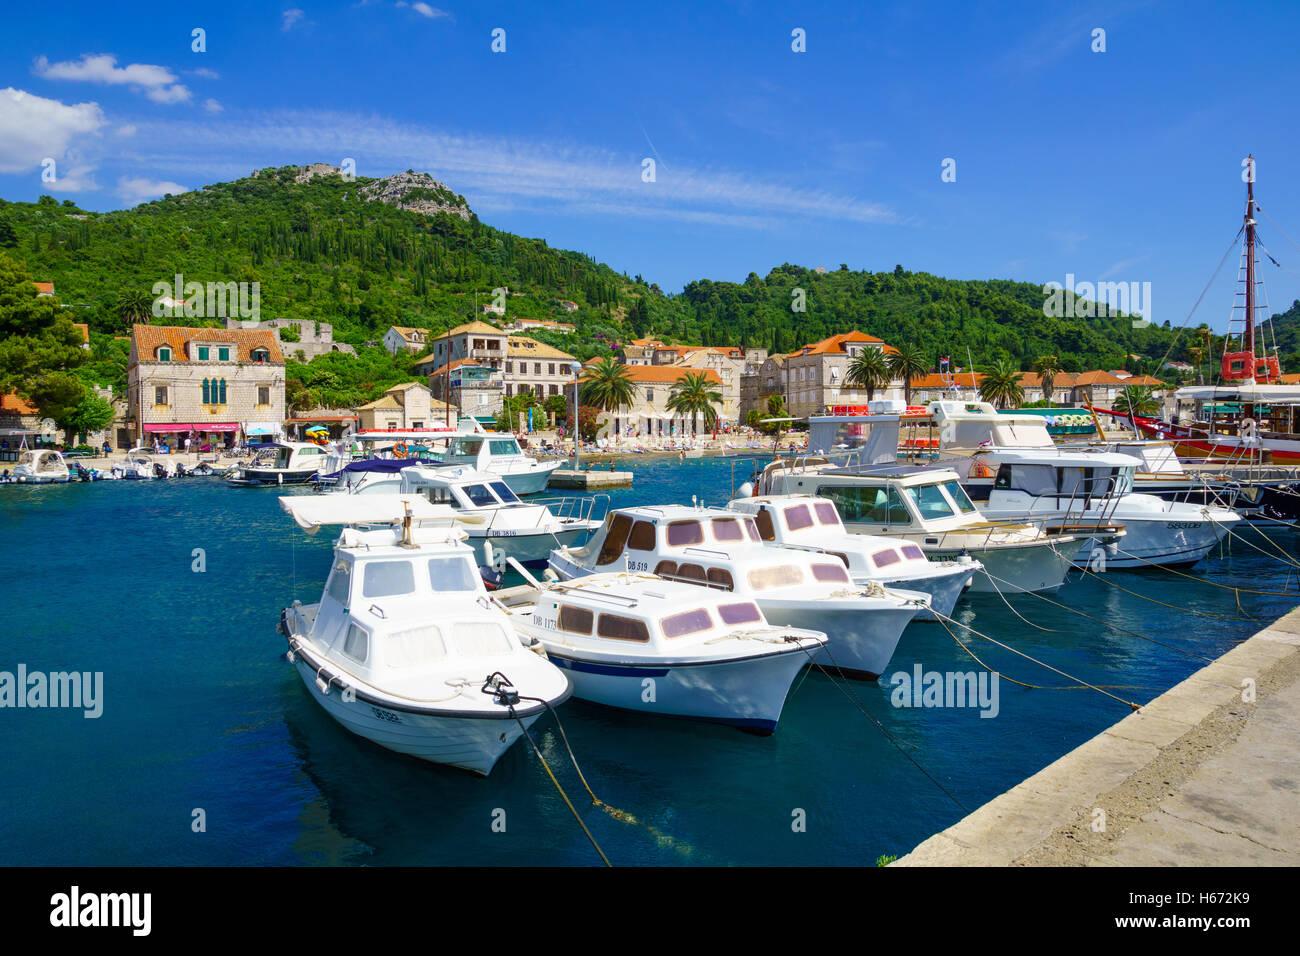 LOPUD, Croatie - 27 juin 2015: Scène du port de pêche et de la plage, avec des bateaux, les habitants Photo Stock